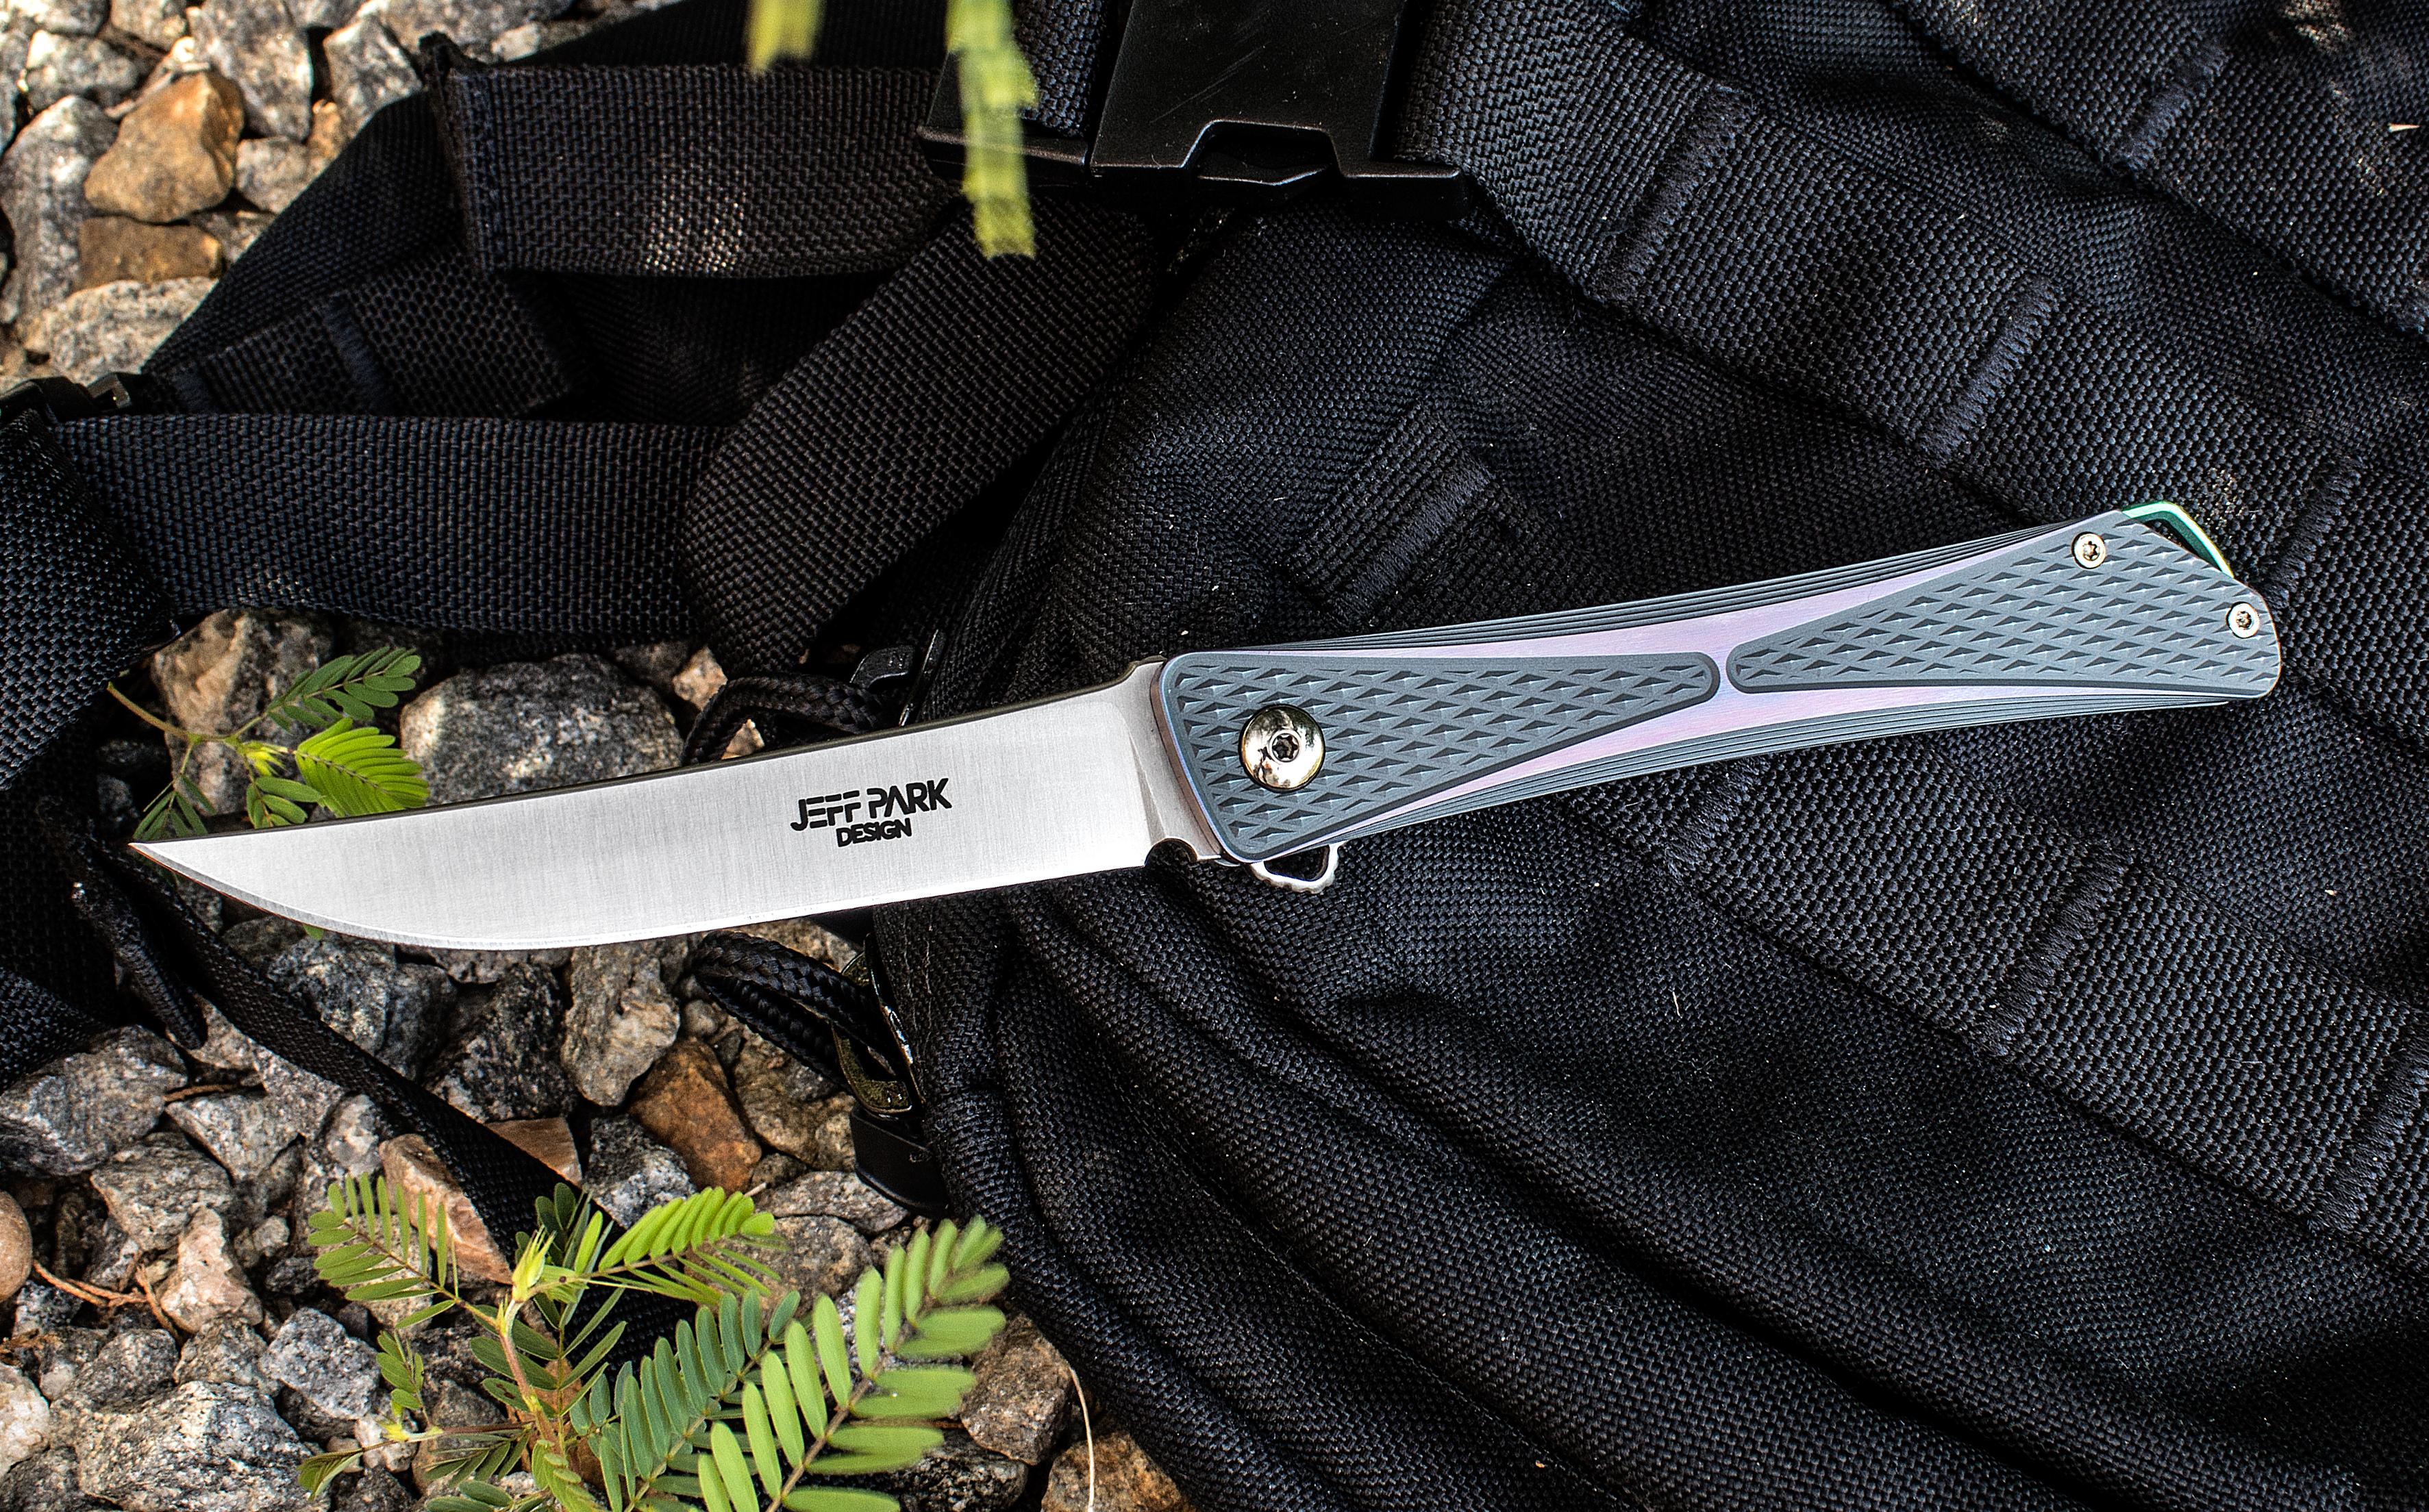 Jeff Park Knives